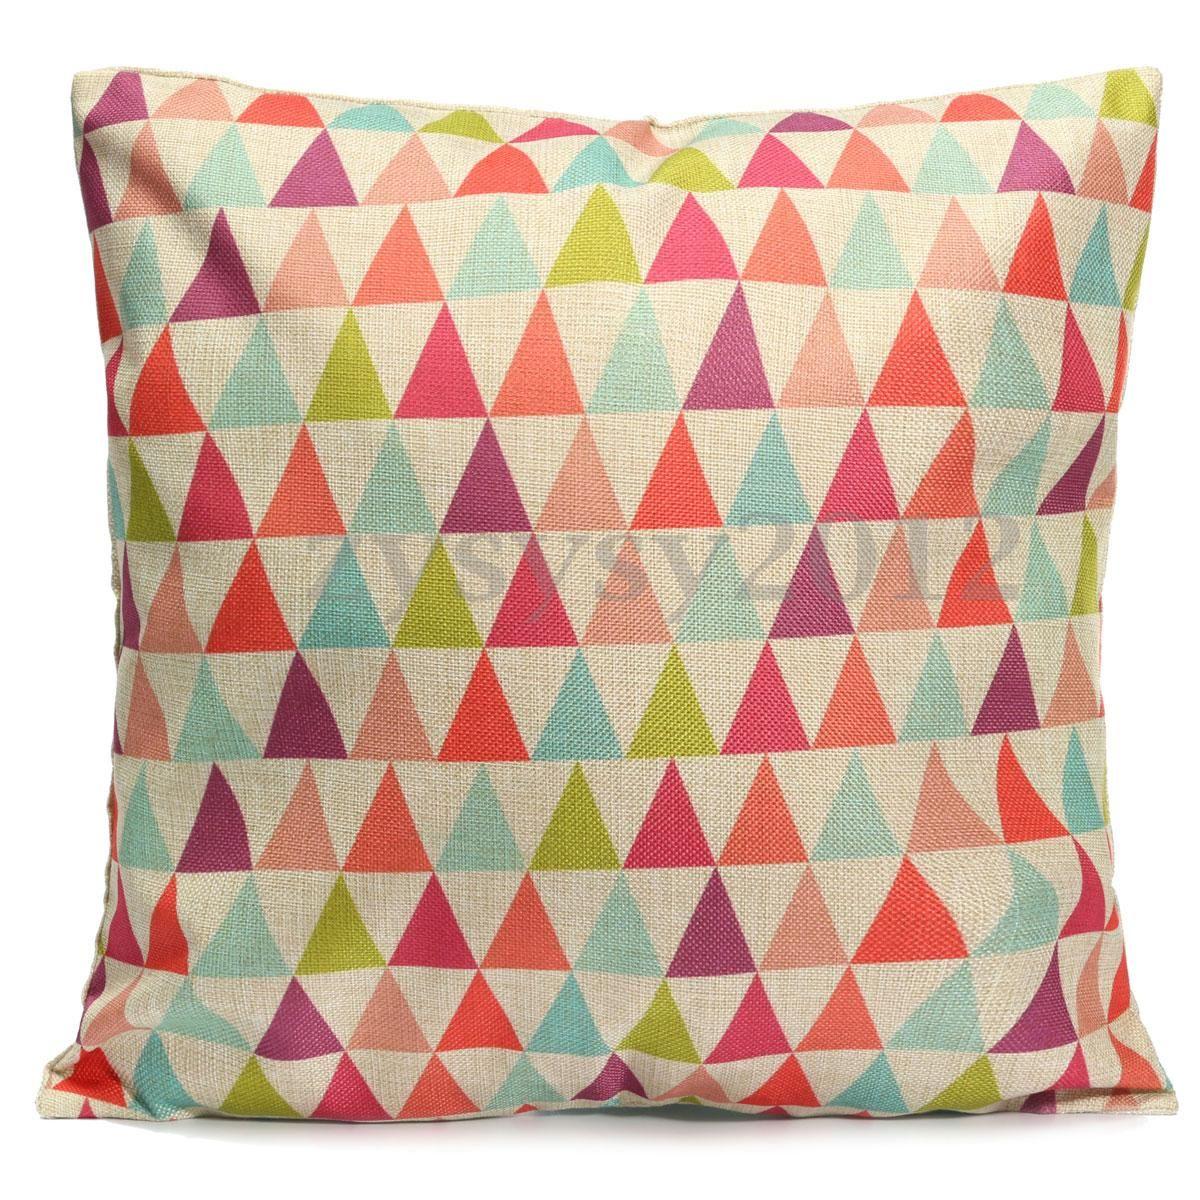 Details about geometric flower vintage cotton linen pillow case